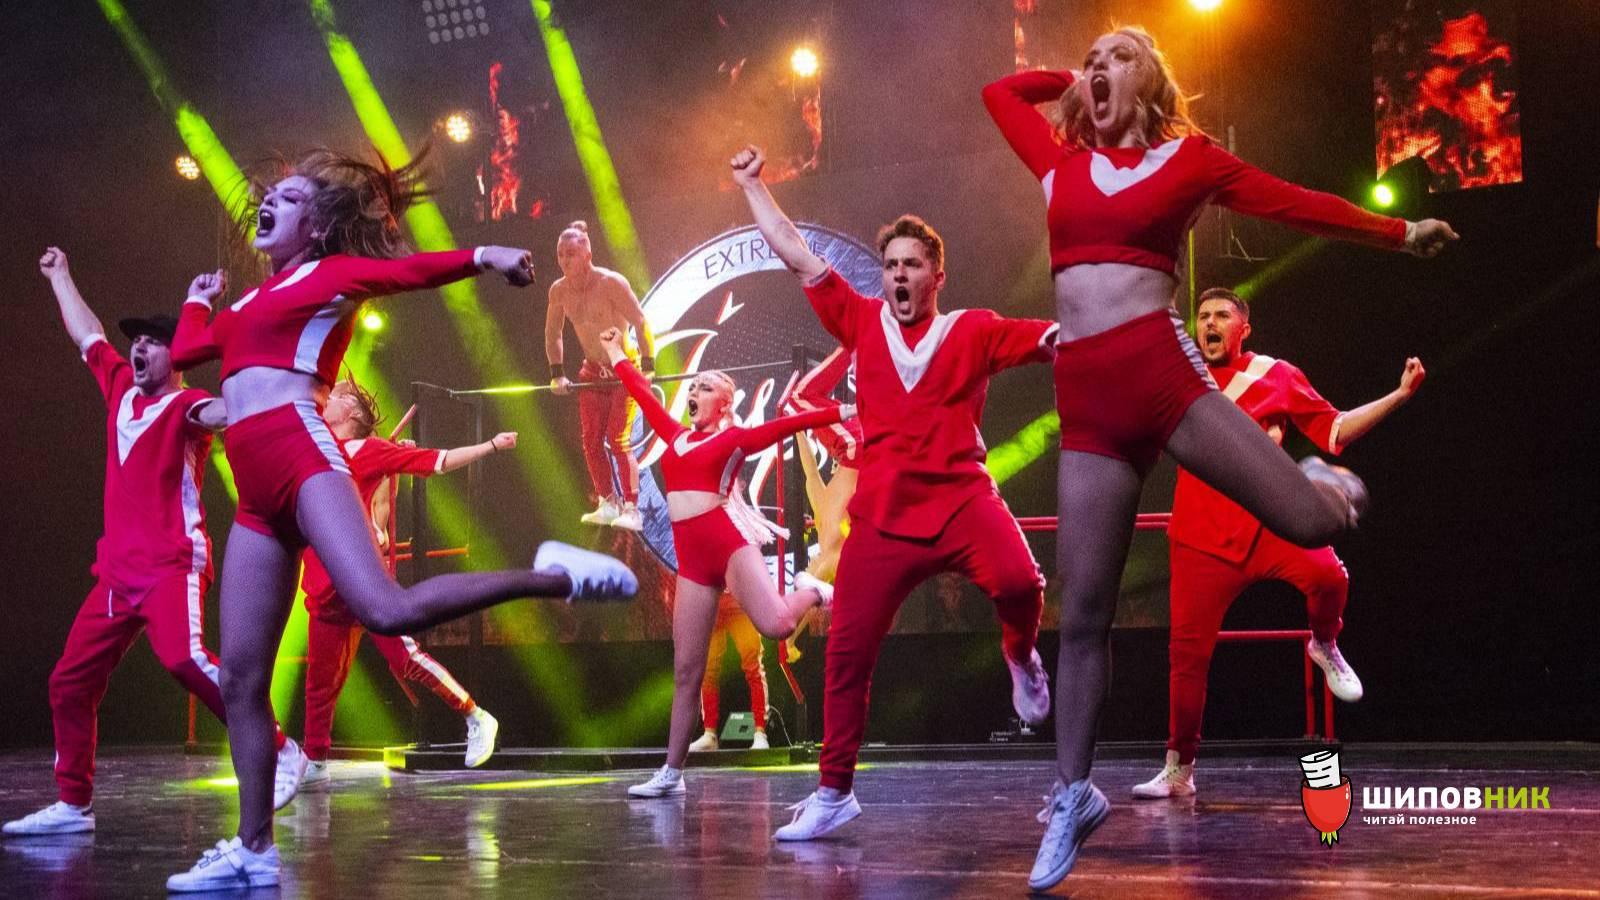 Коллектив Inspire не оставил равнодушными николаевцев, показав экстремально-танцевальное шоу